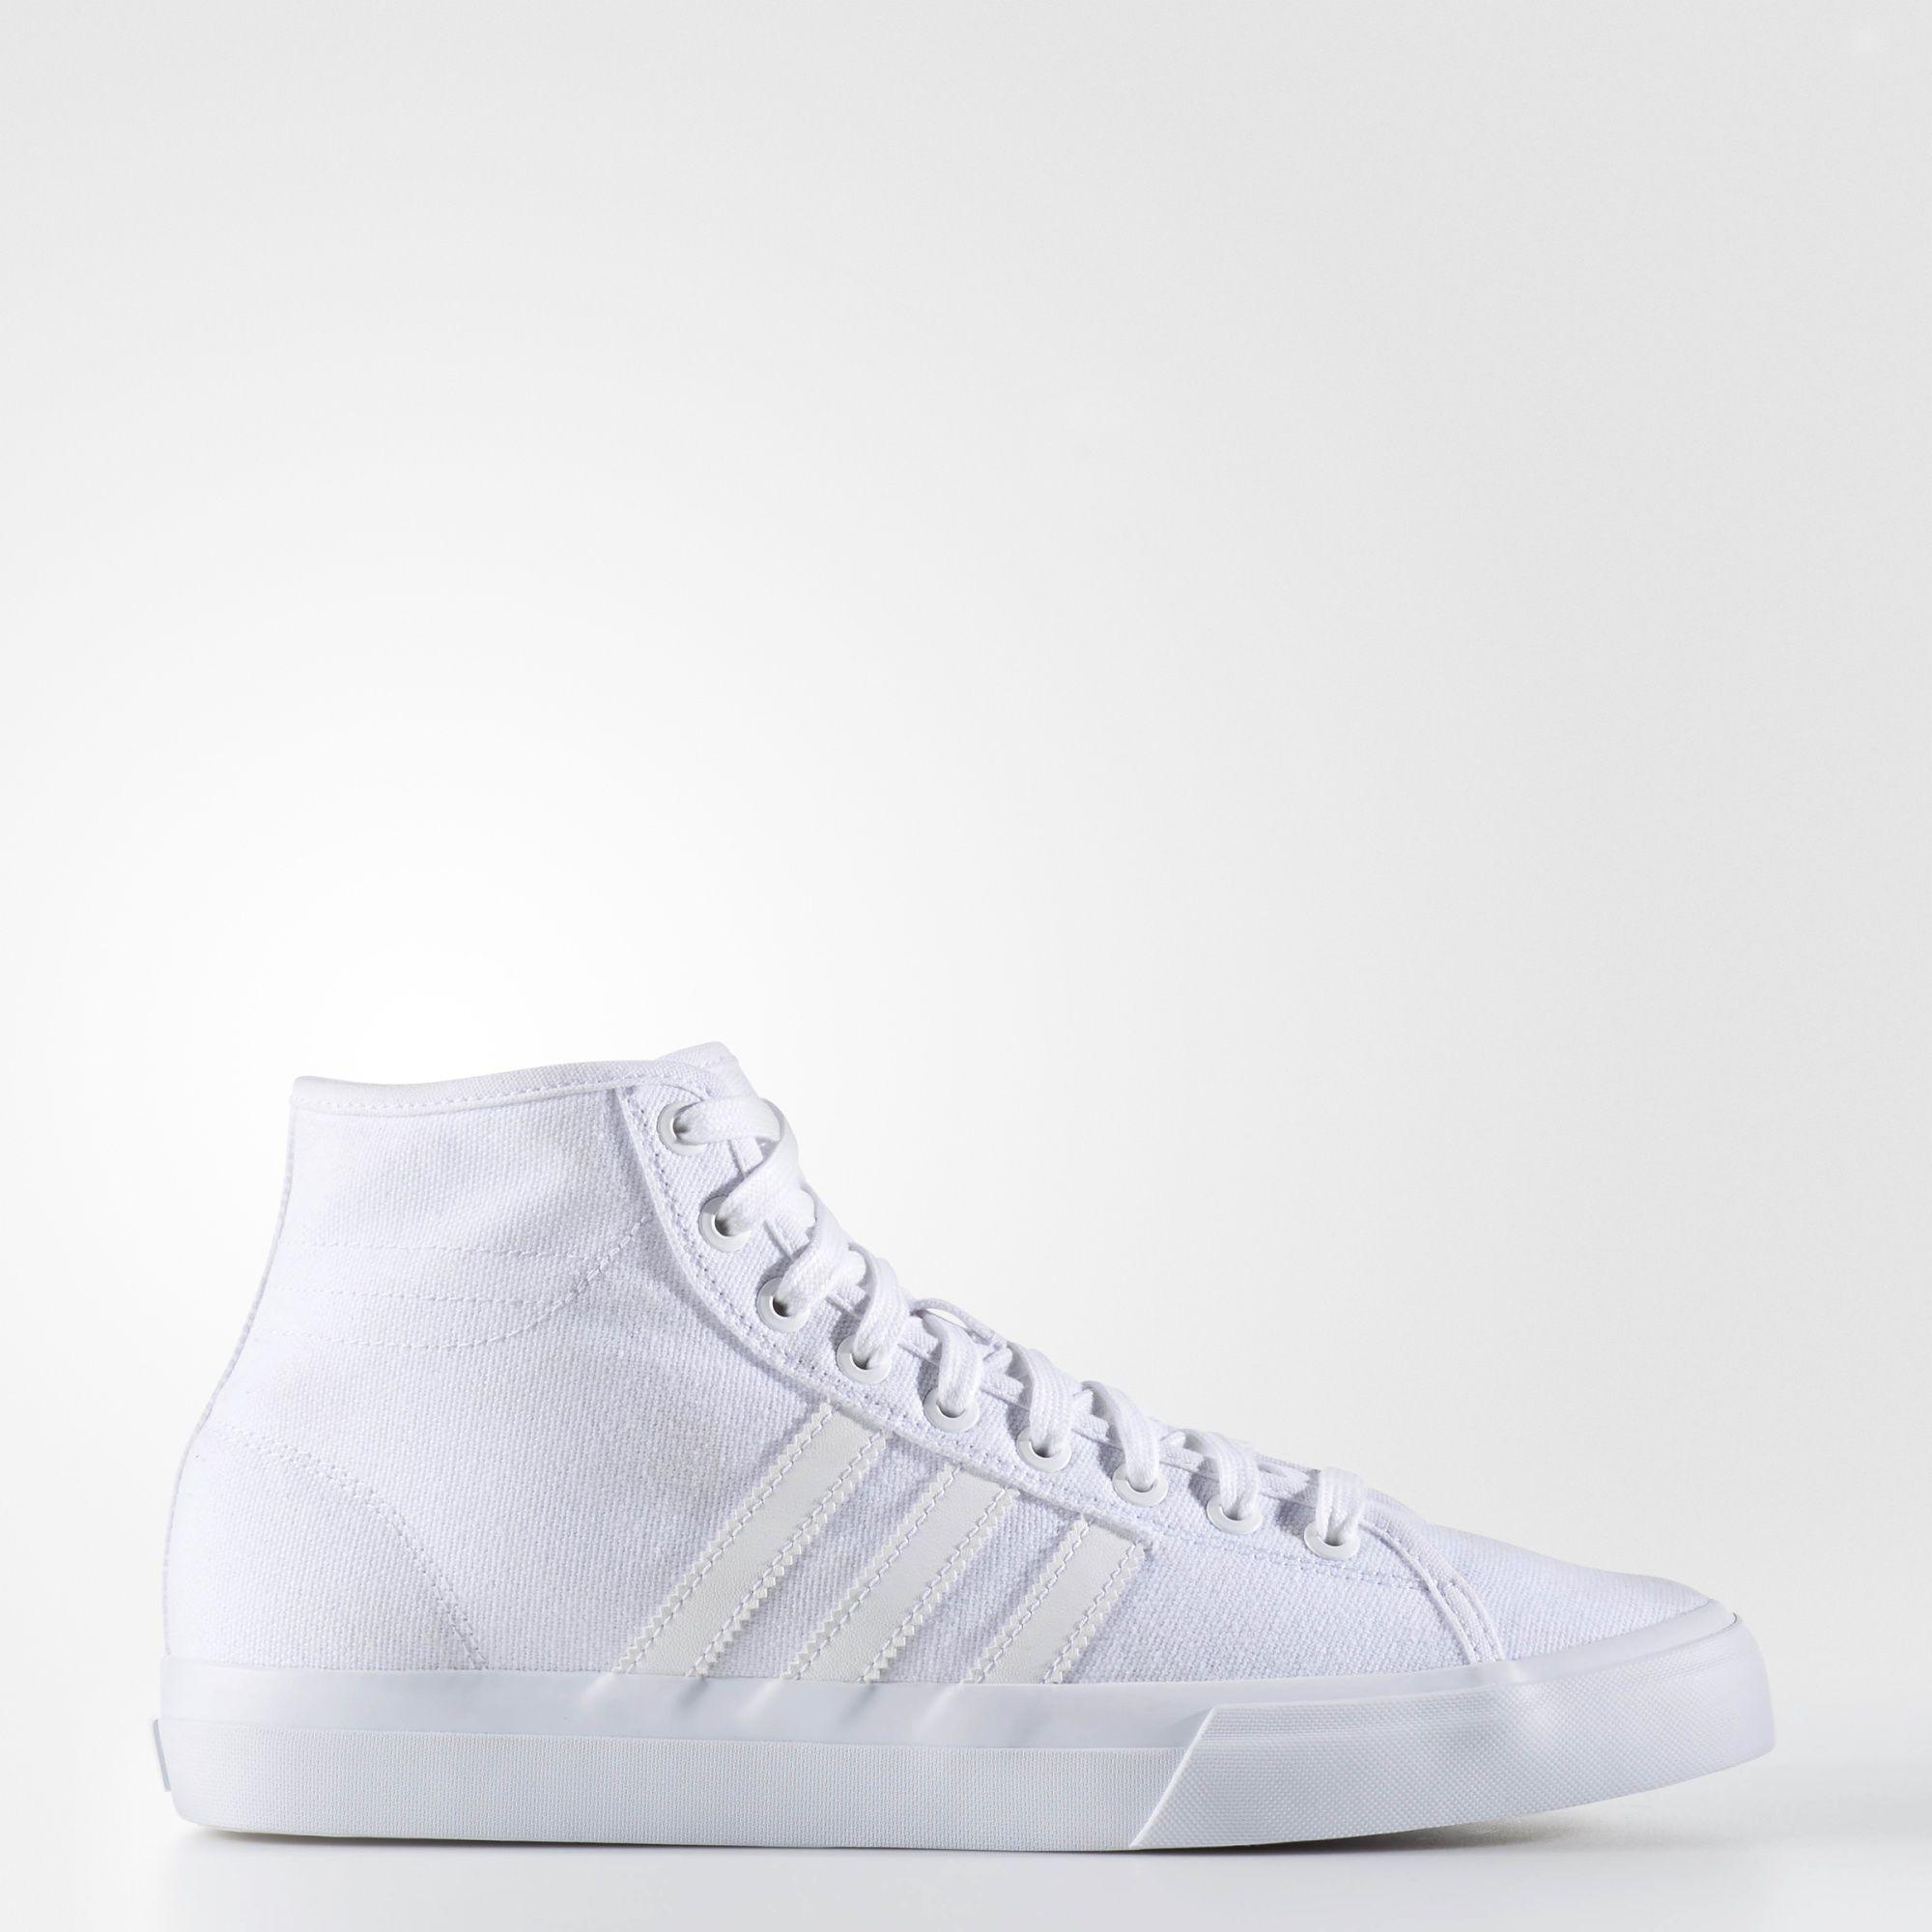 adidas - Matchcourt High RX Shoes